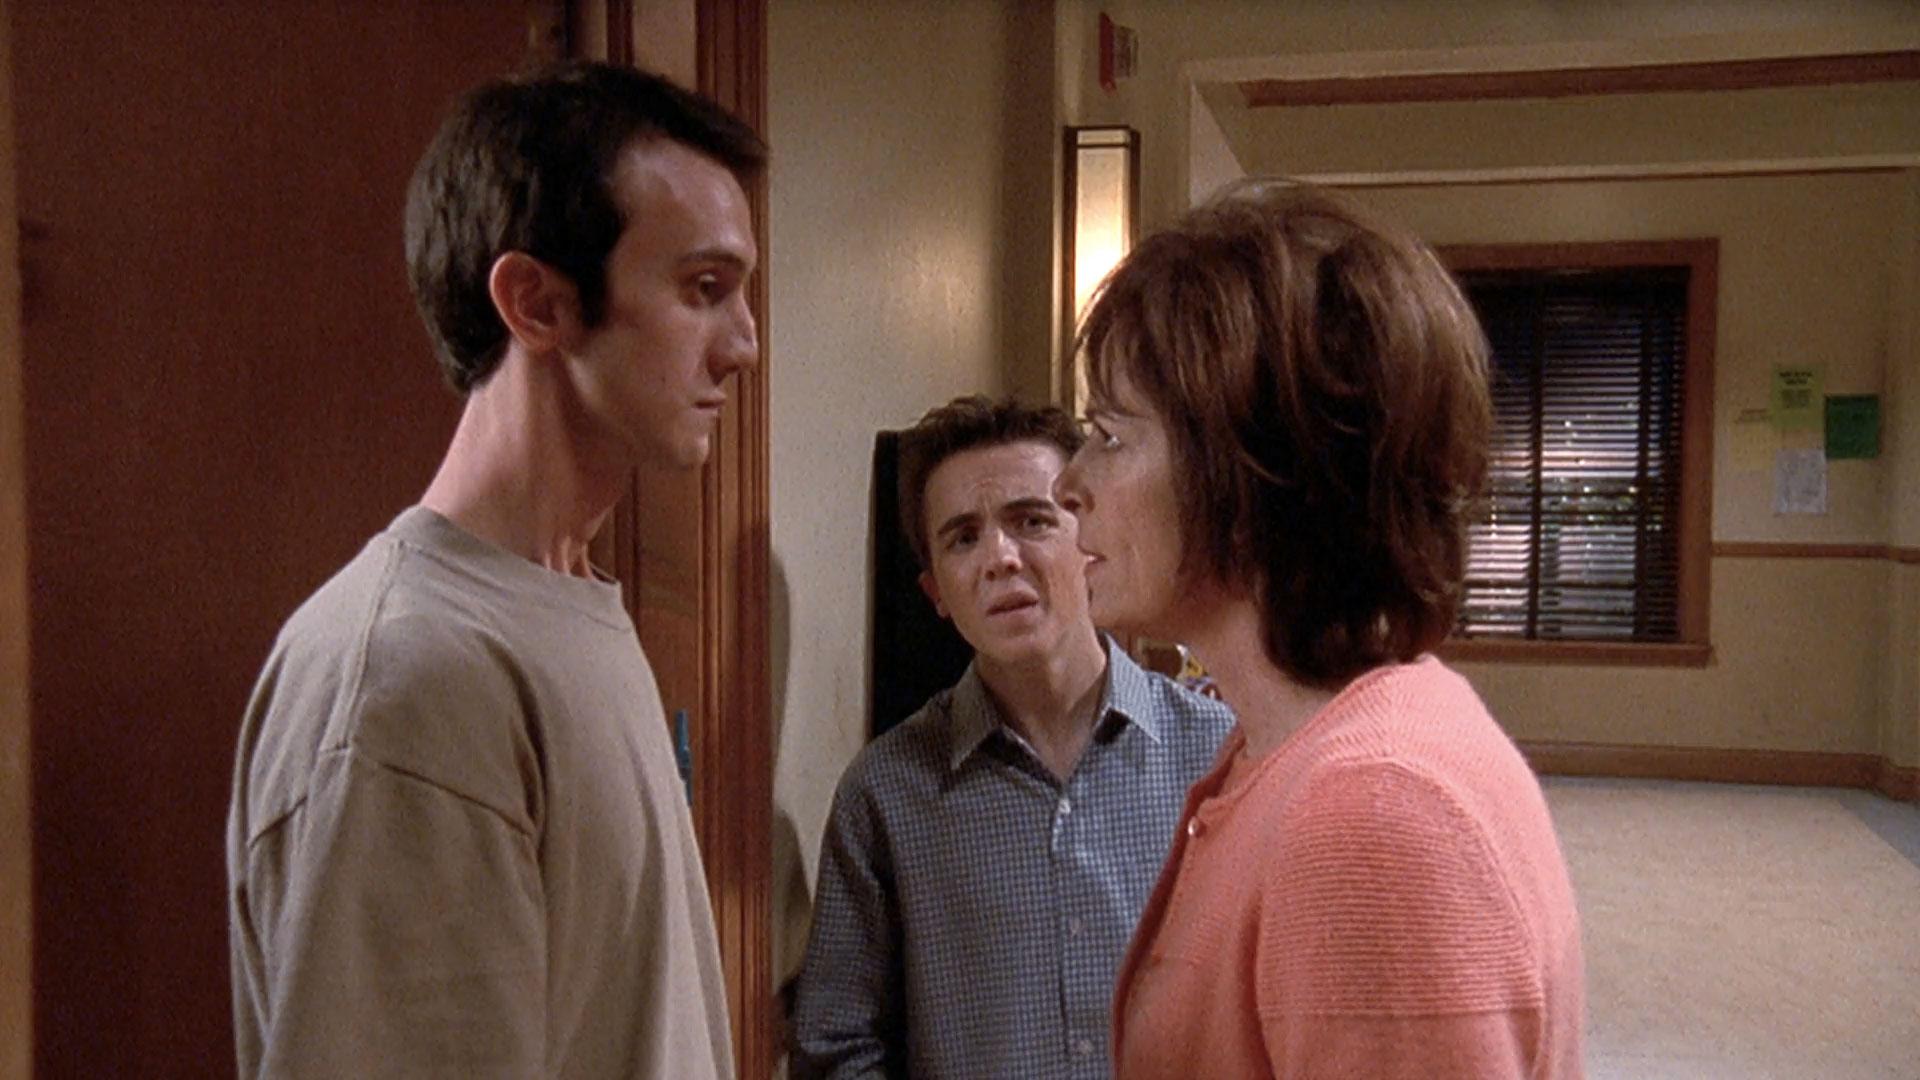 Andrew Reville (Leland), Frankie Muniz (Malcolm) et Jane Kaczmarek (Lois) dans